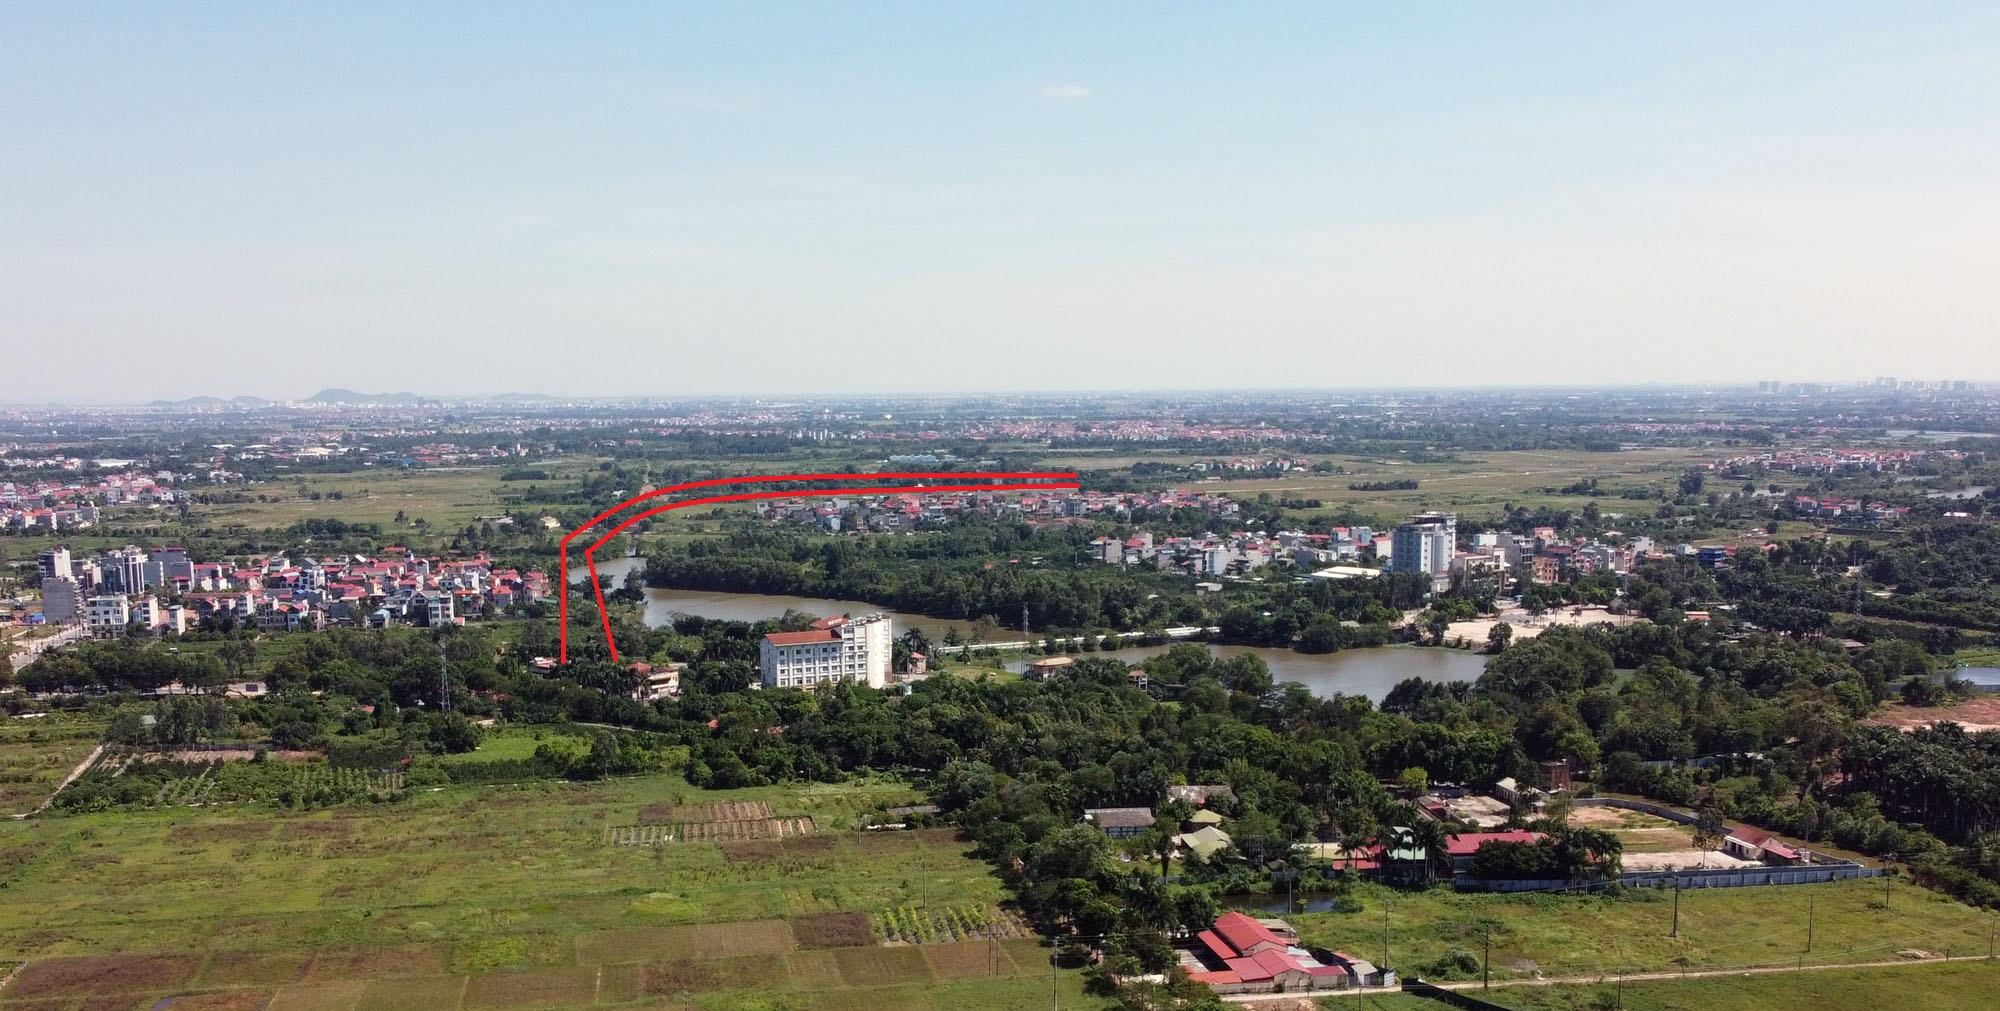 đường sẽ mở theo qui hoạch ở xã Uy Nỗ, Đông Anh, Hà Nội - Ảnh 11.